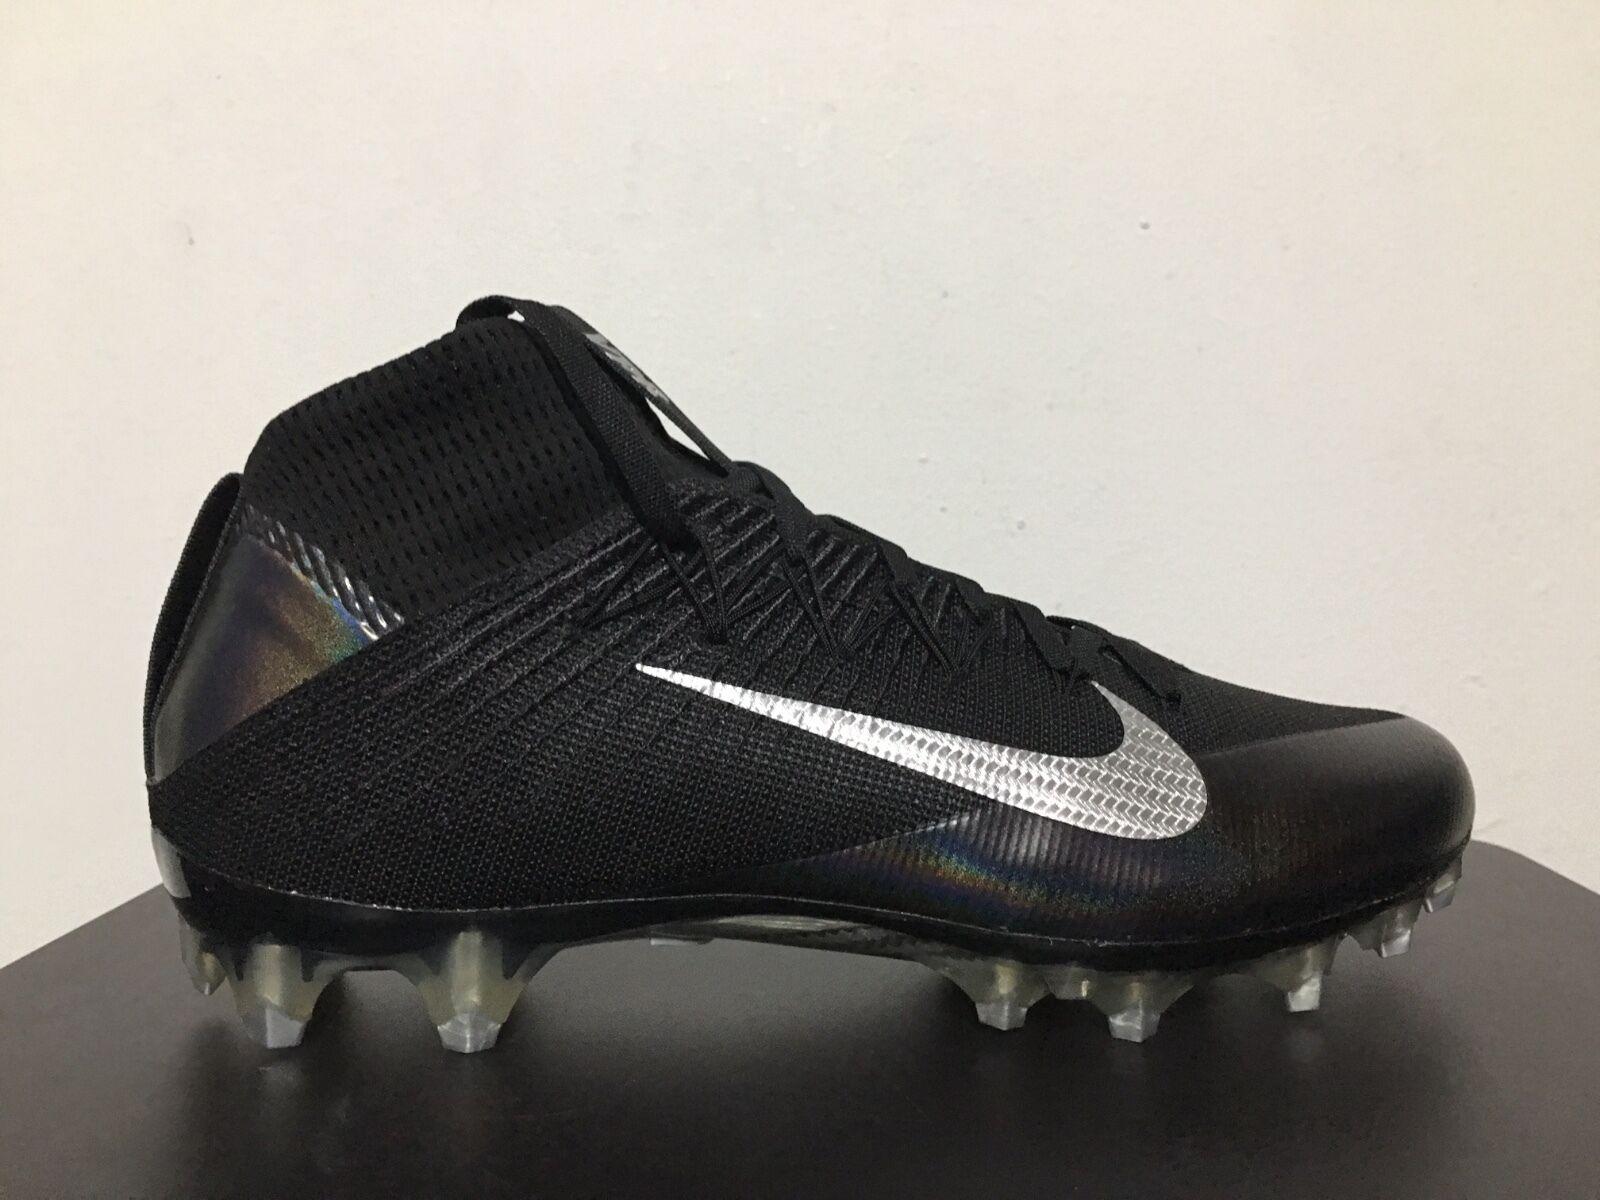 Nike Vapor Intouchable 2 Football Cale Noir Métallique Argent Métallique Noir Sz [824470-002] 02707f